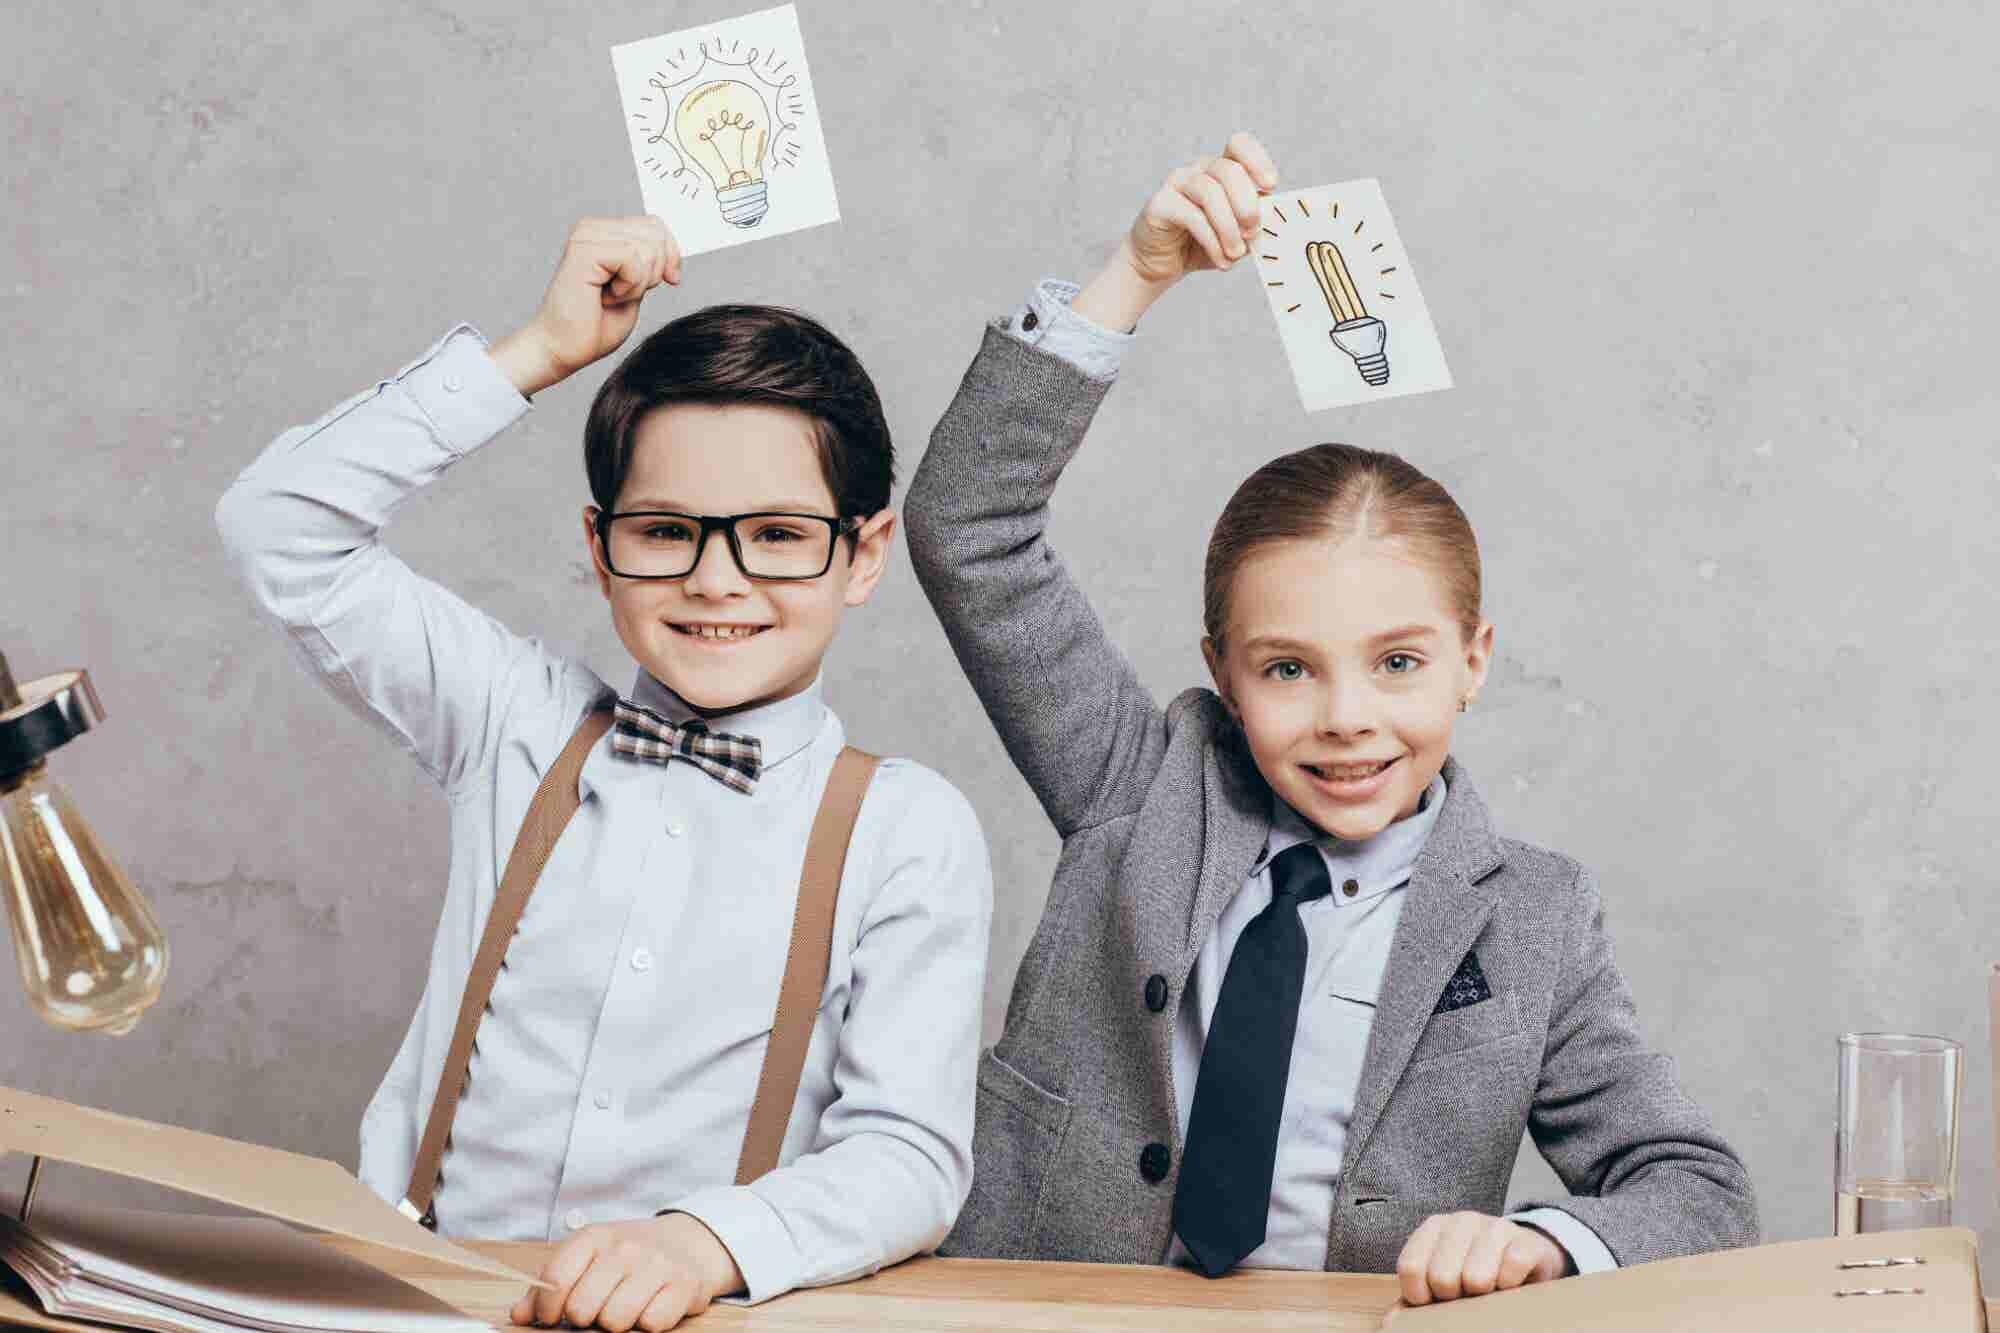 Directorio para papás que quieren impulsar los sueños de sus hijos emprendedores